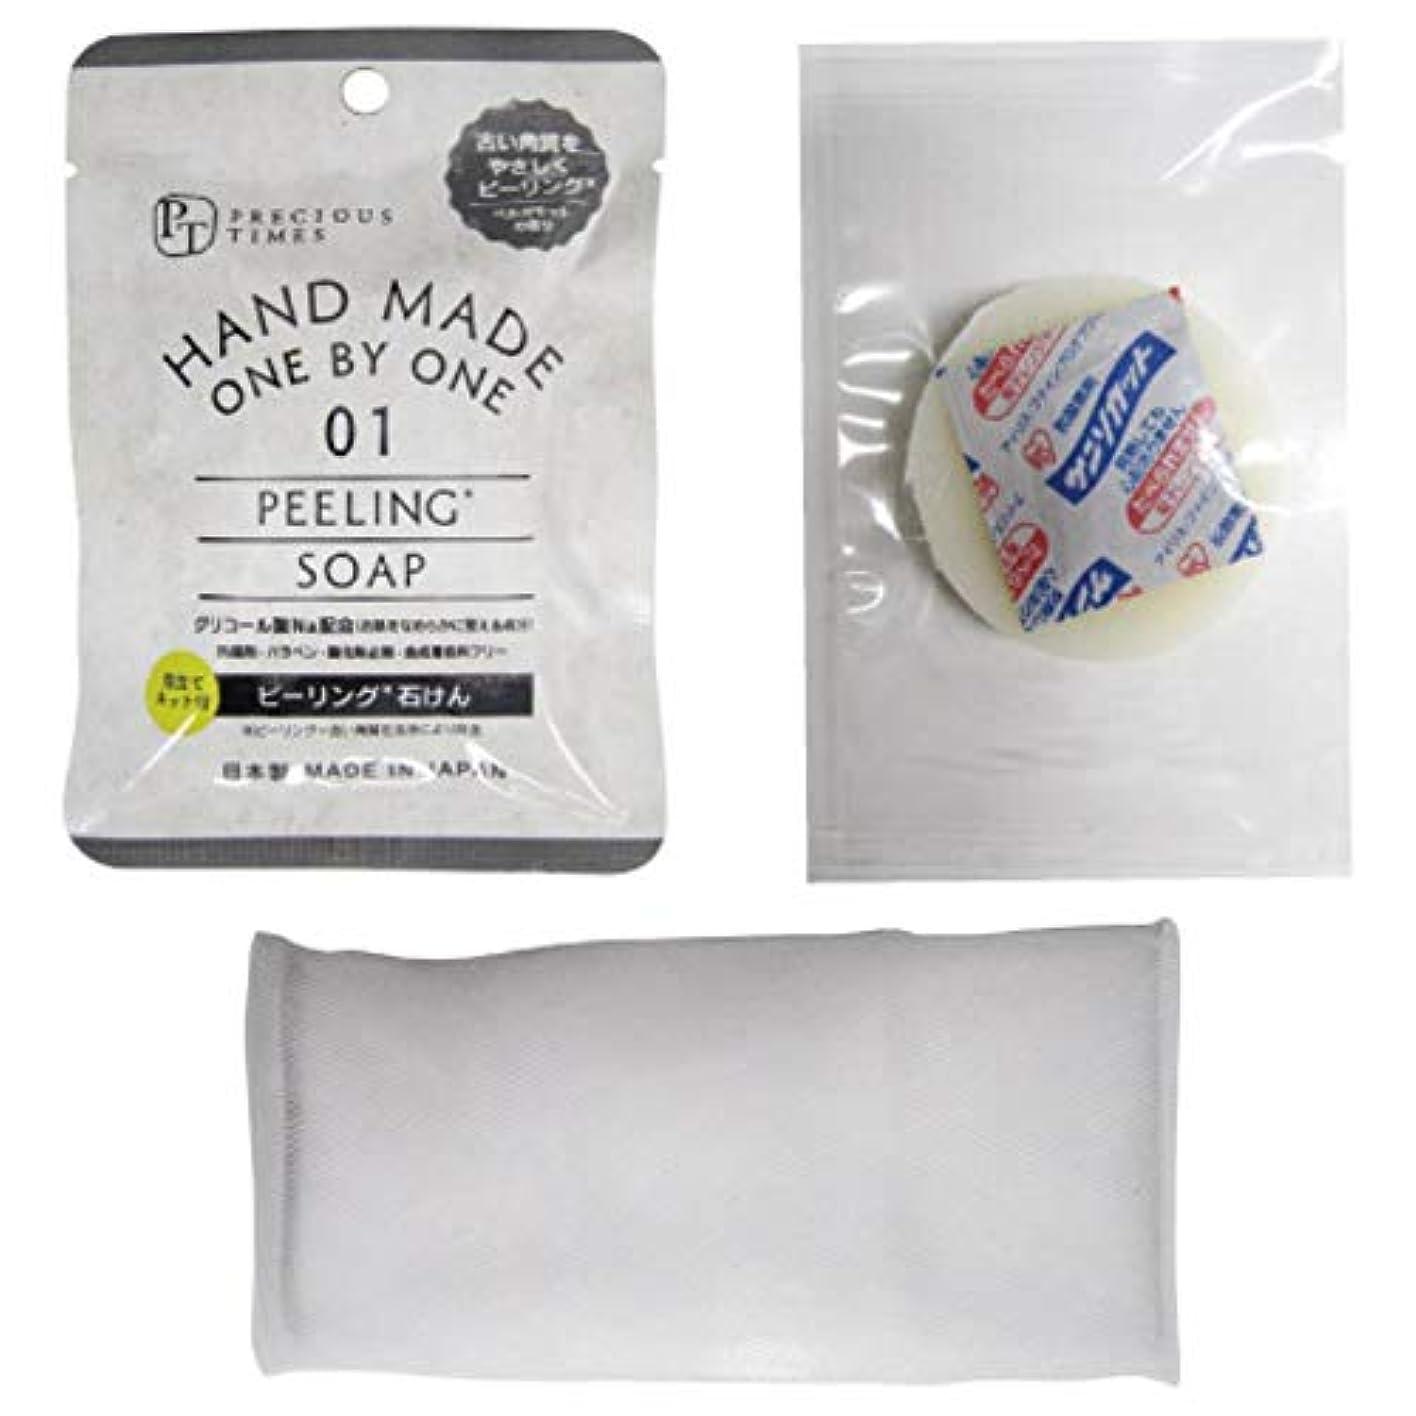 すぐに補う変色するピーリング石鹸 12g ベルガモット 香り 泡立てネット付 PEELING SOAP 日本製 HAND MADE 角質除去 防腐剤等無添加 わくねり化粧石けん